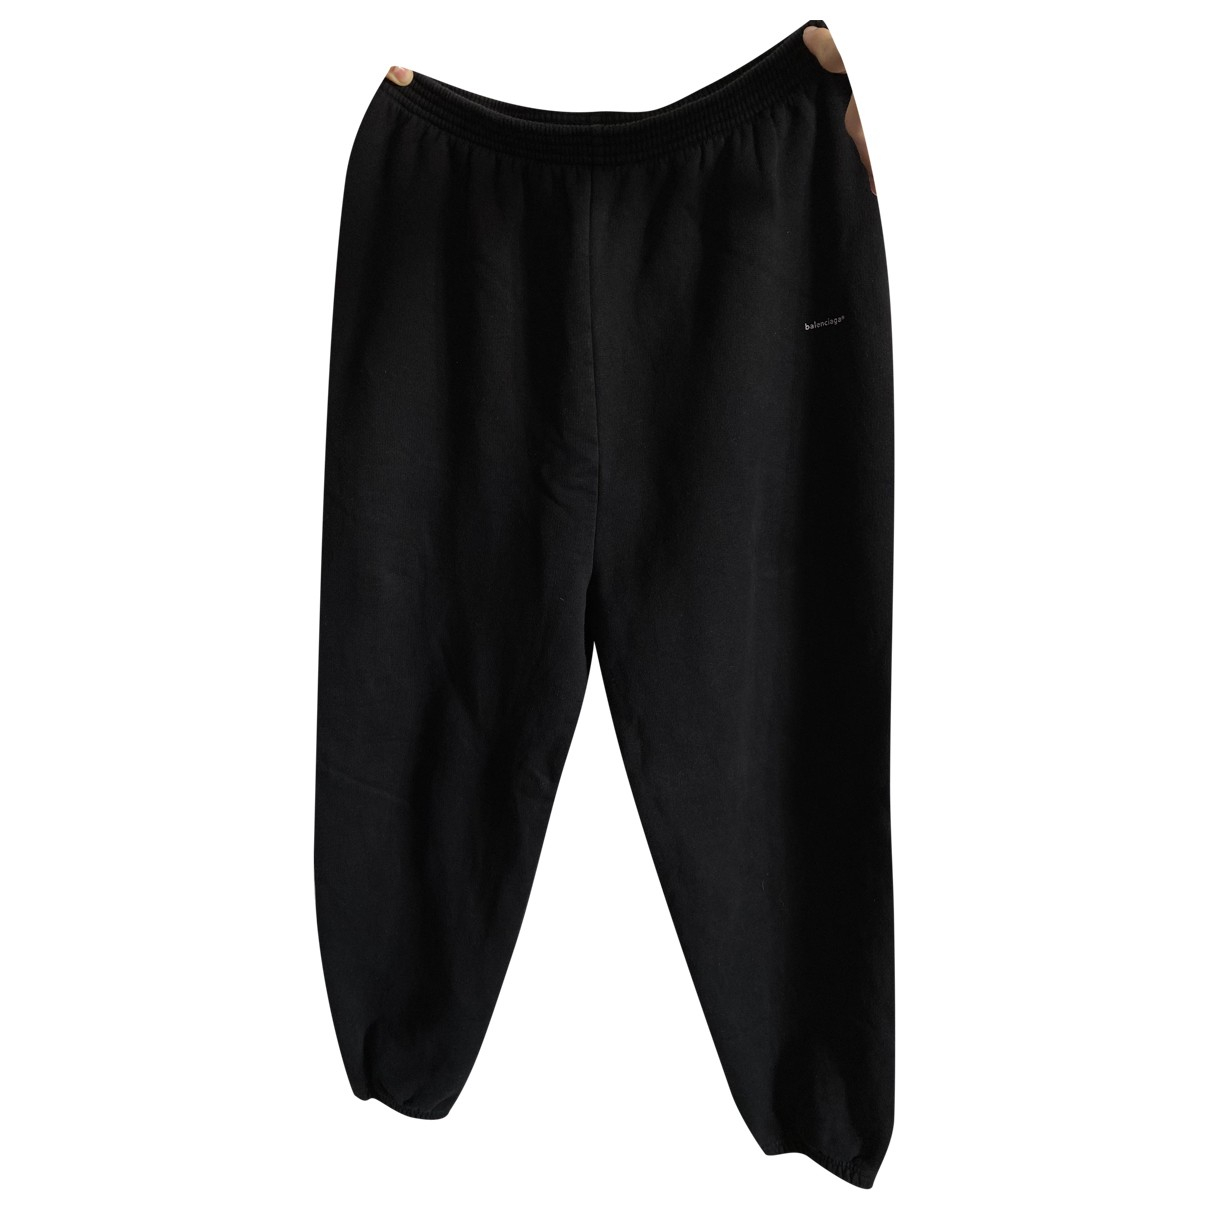 Pantalones en Algodon Negro Balenciaga